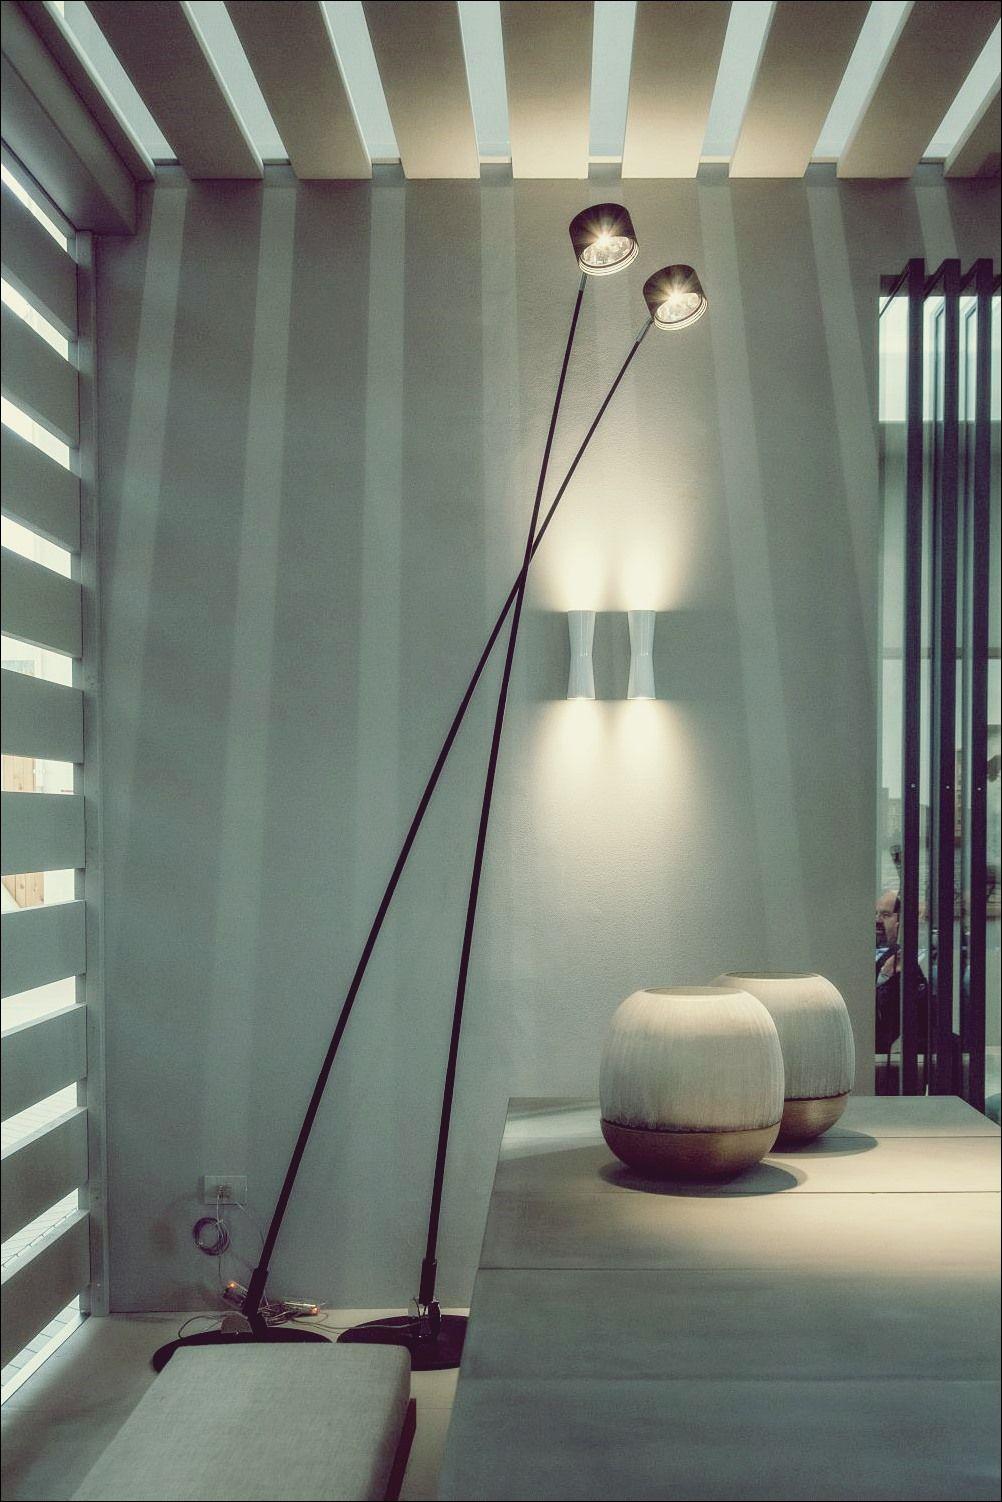 Moderne Stehlampen Die Kunstliche Beleuchtung In Eine Kunstform